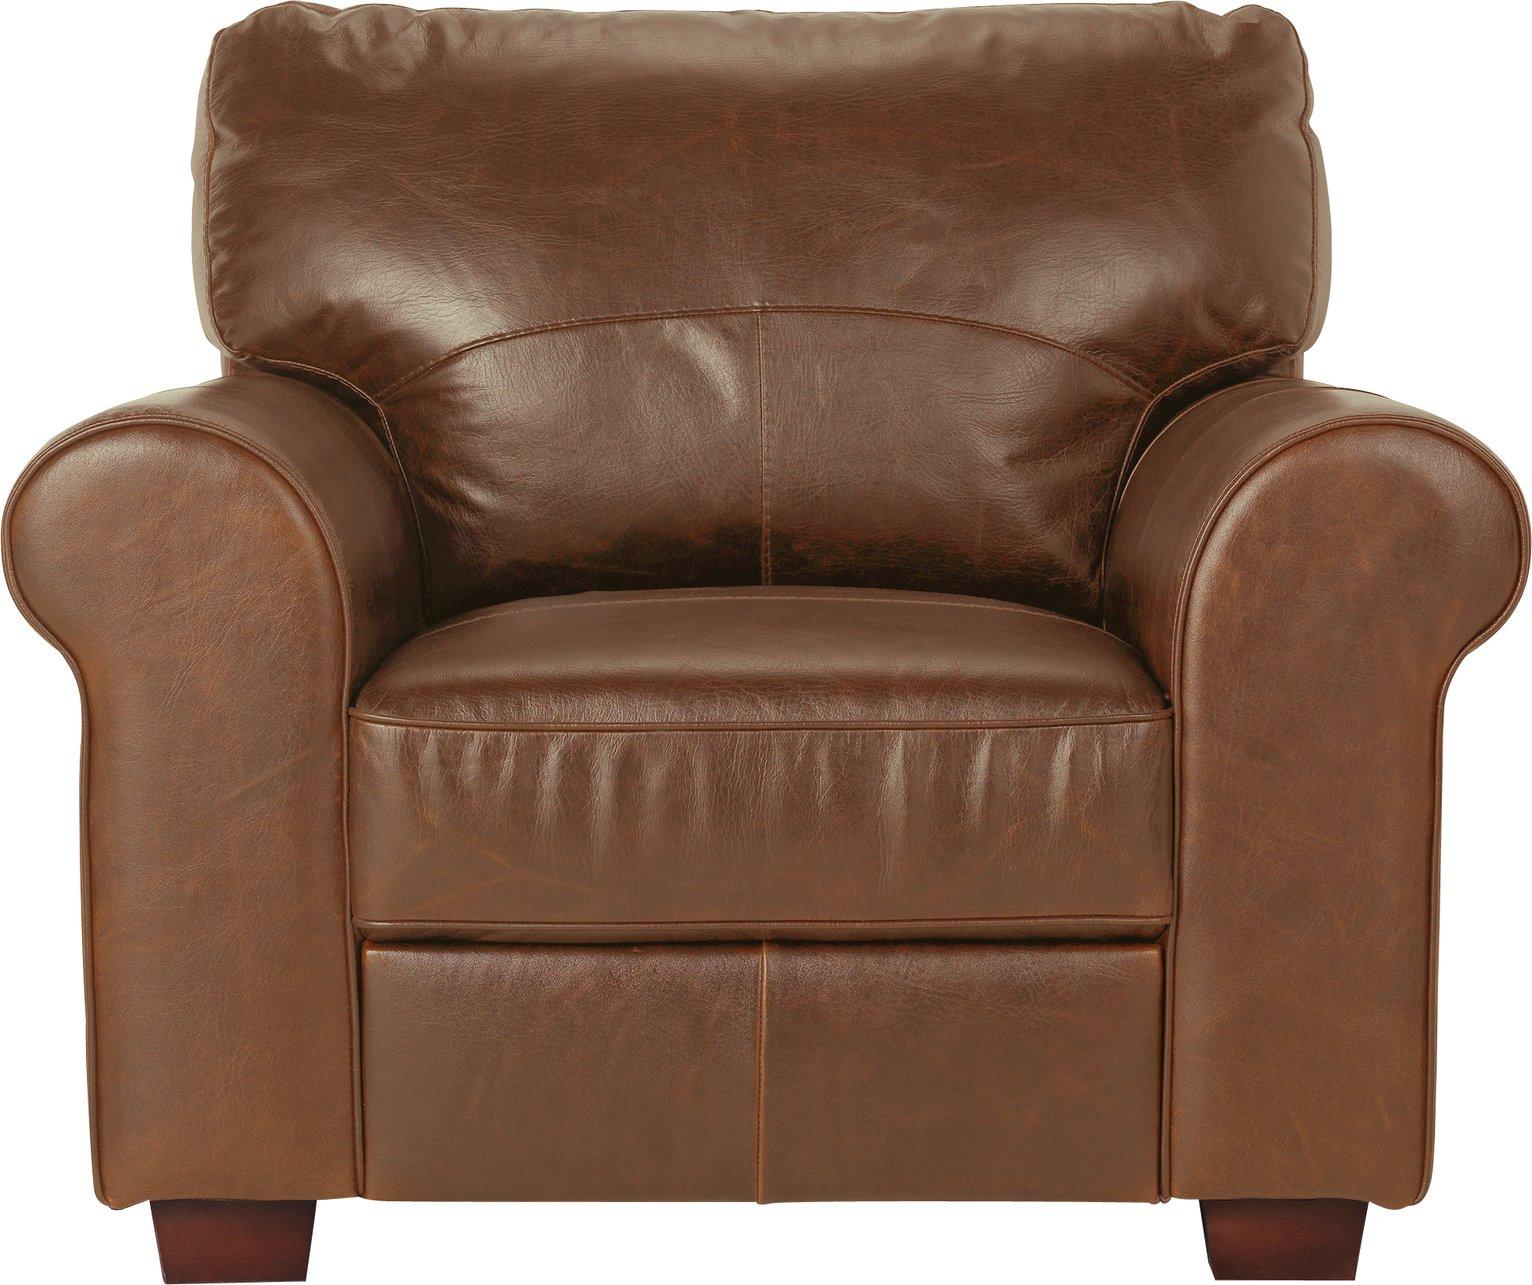 Argos Home Salisbury Leather Armchair - Tan